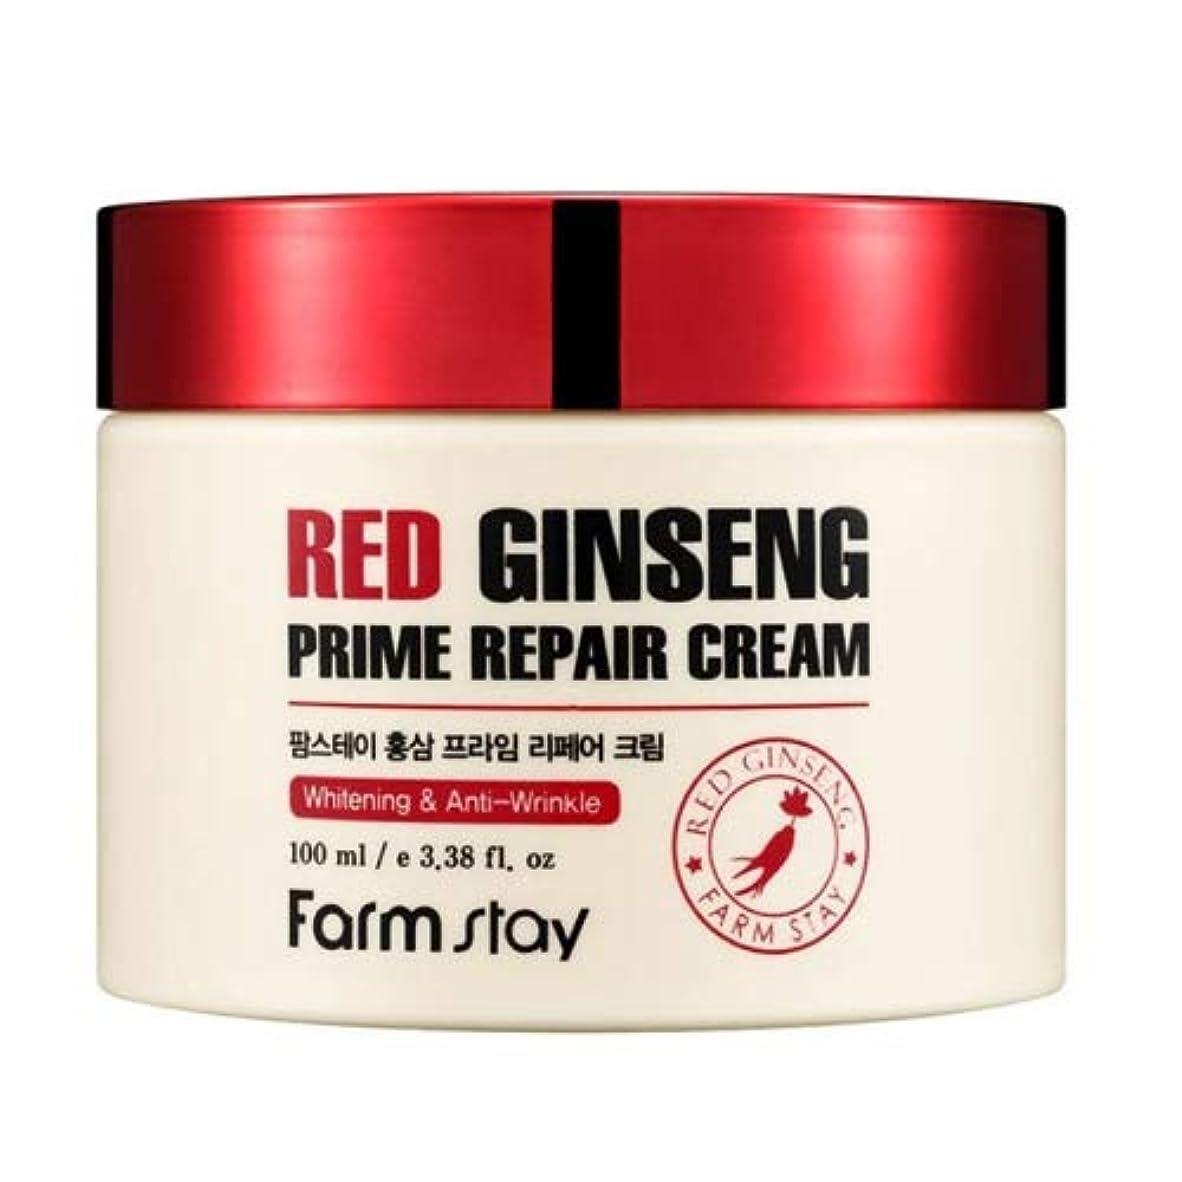 私たちの物語ピーブFarm stay Red Ginseng Prime Repair Cream 紅参プライムリペアクリーム100ml[並行輸入品]